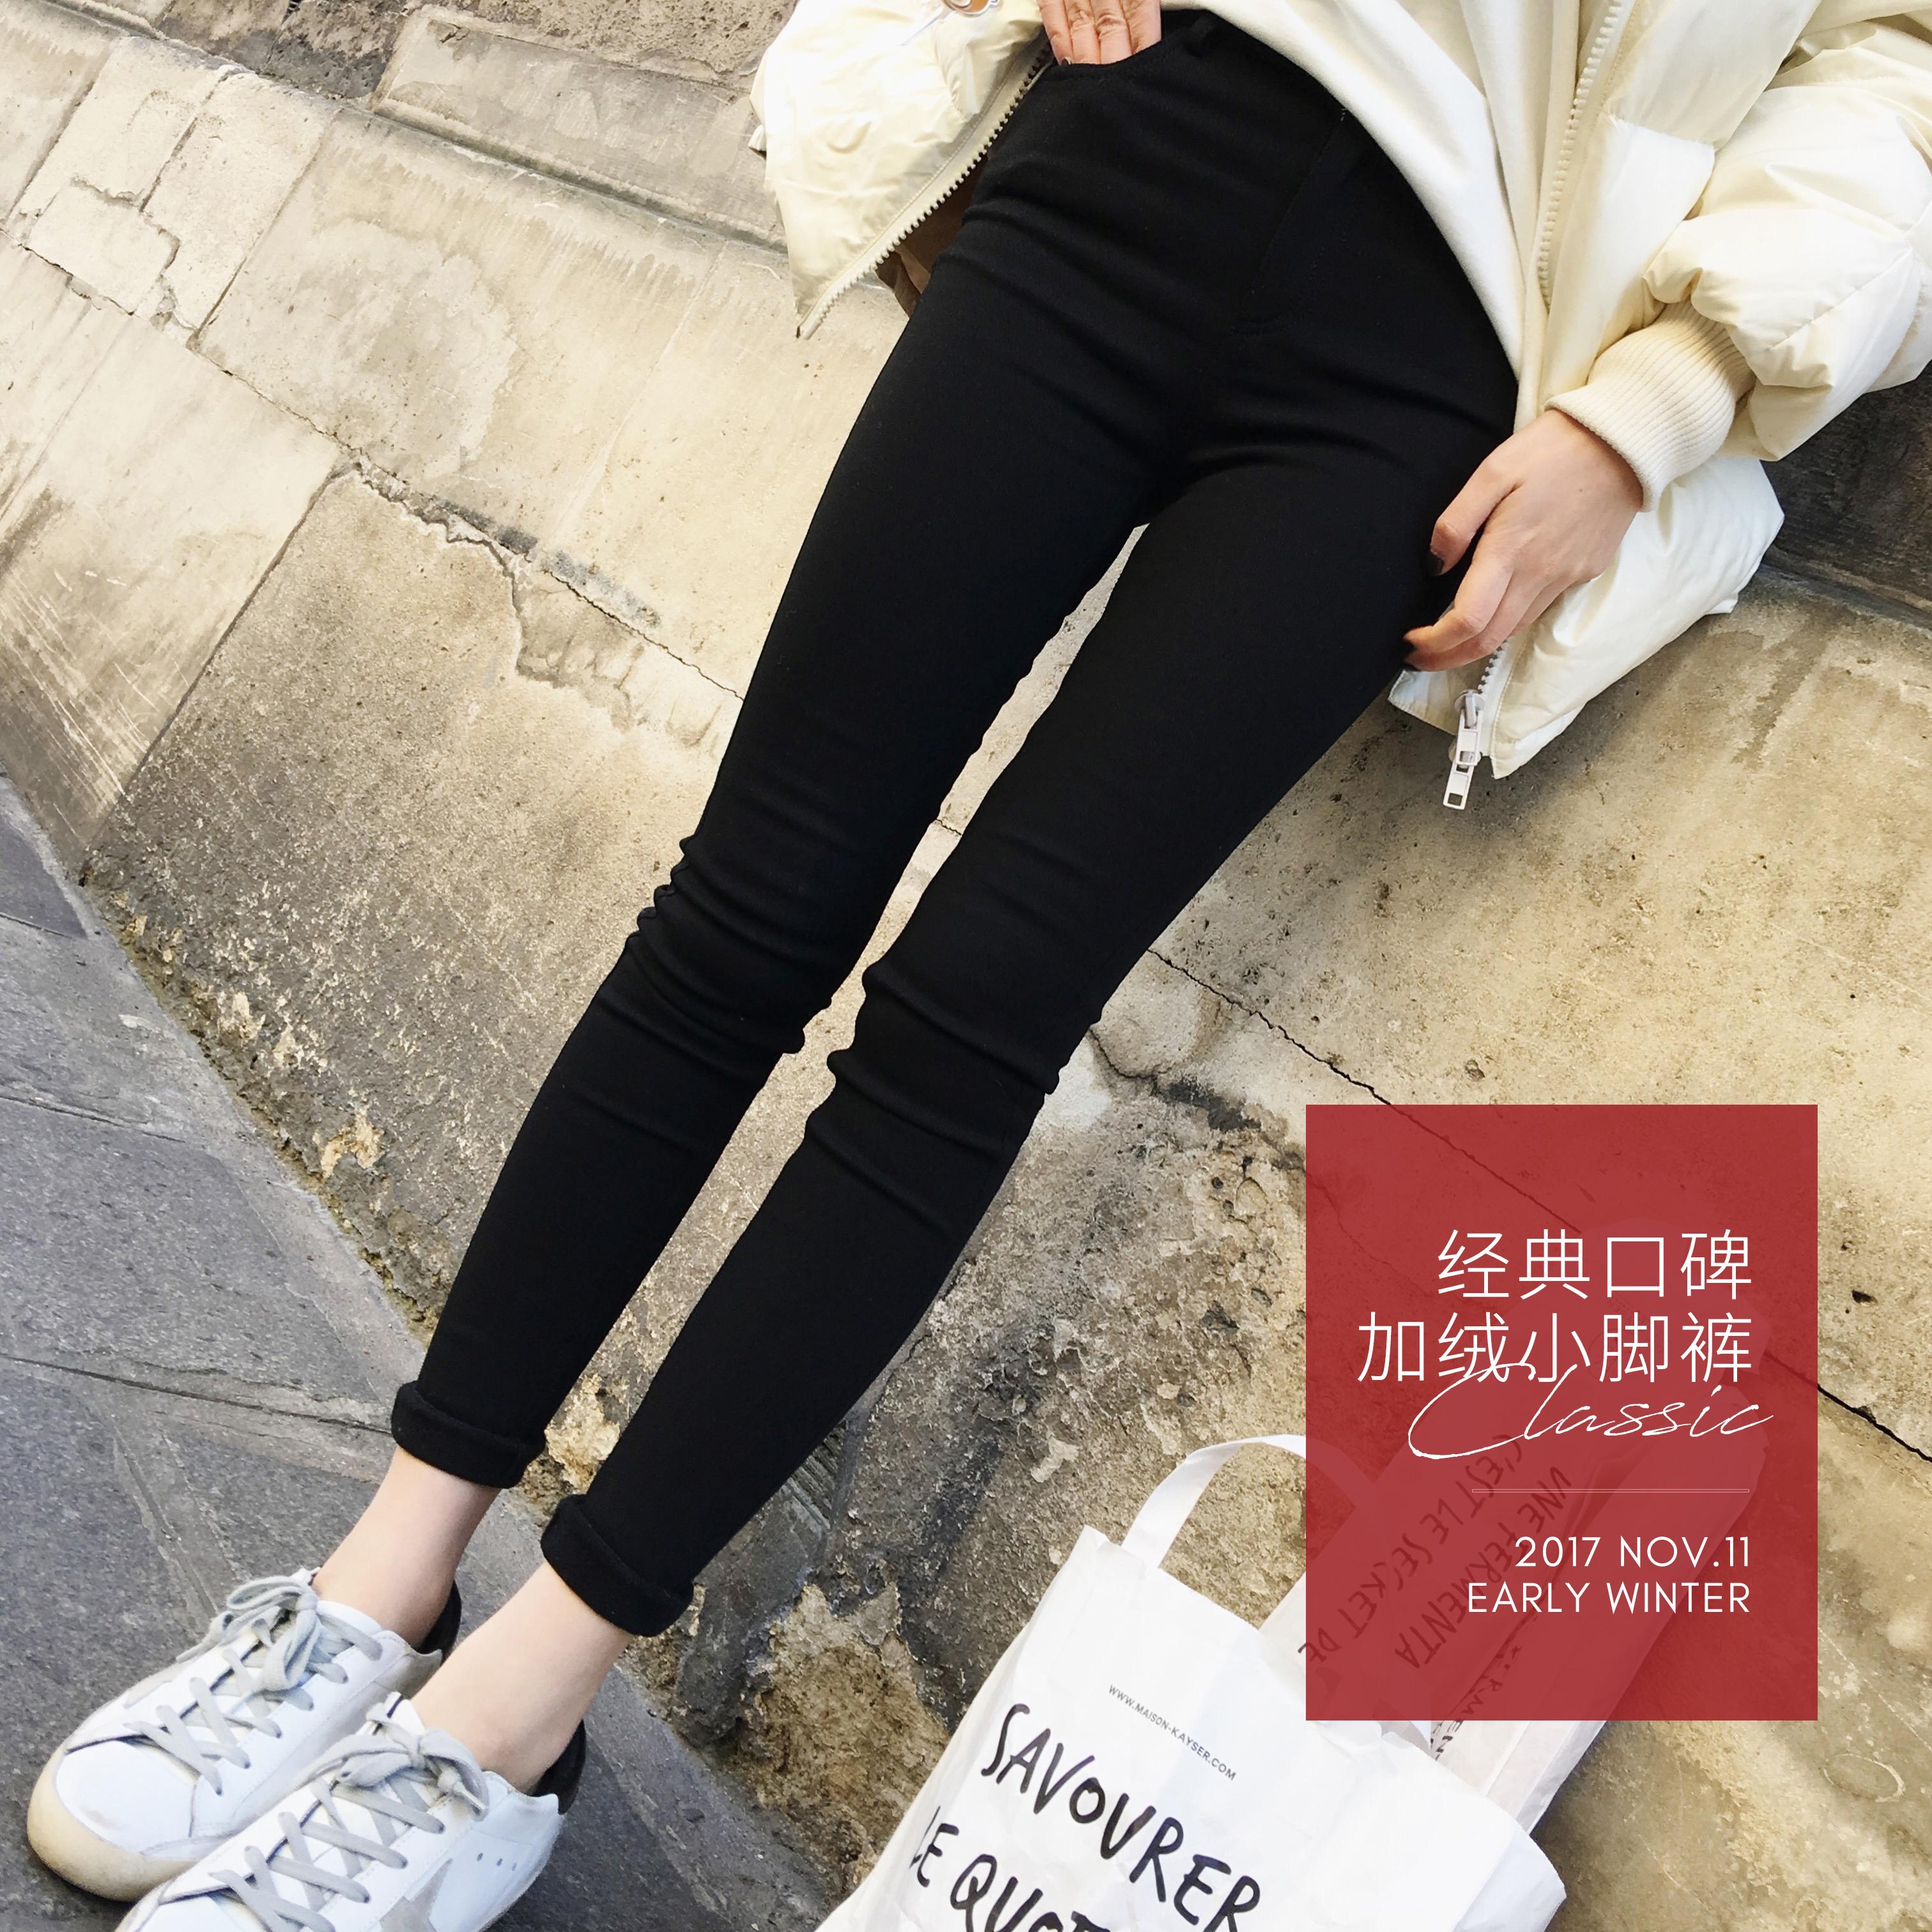 钱夫人CHINSTUDIO 黑色加绒打底裤女外穿九分裤小脚裤弹力铅笔裤